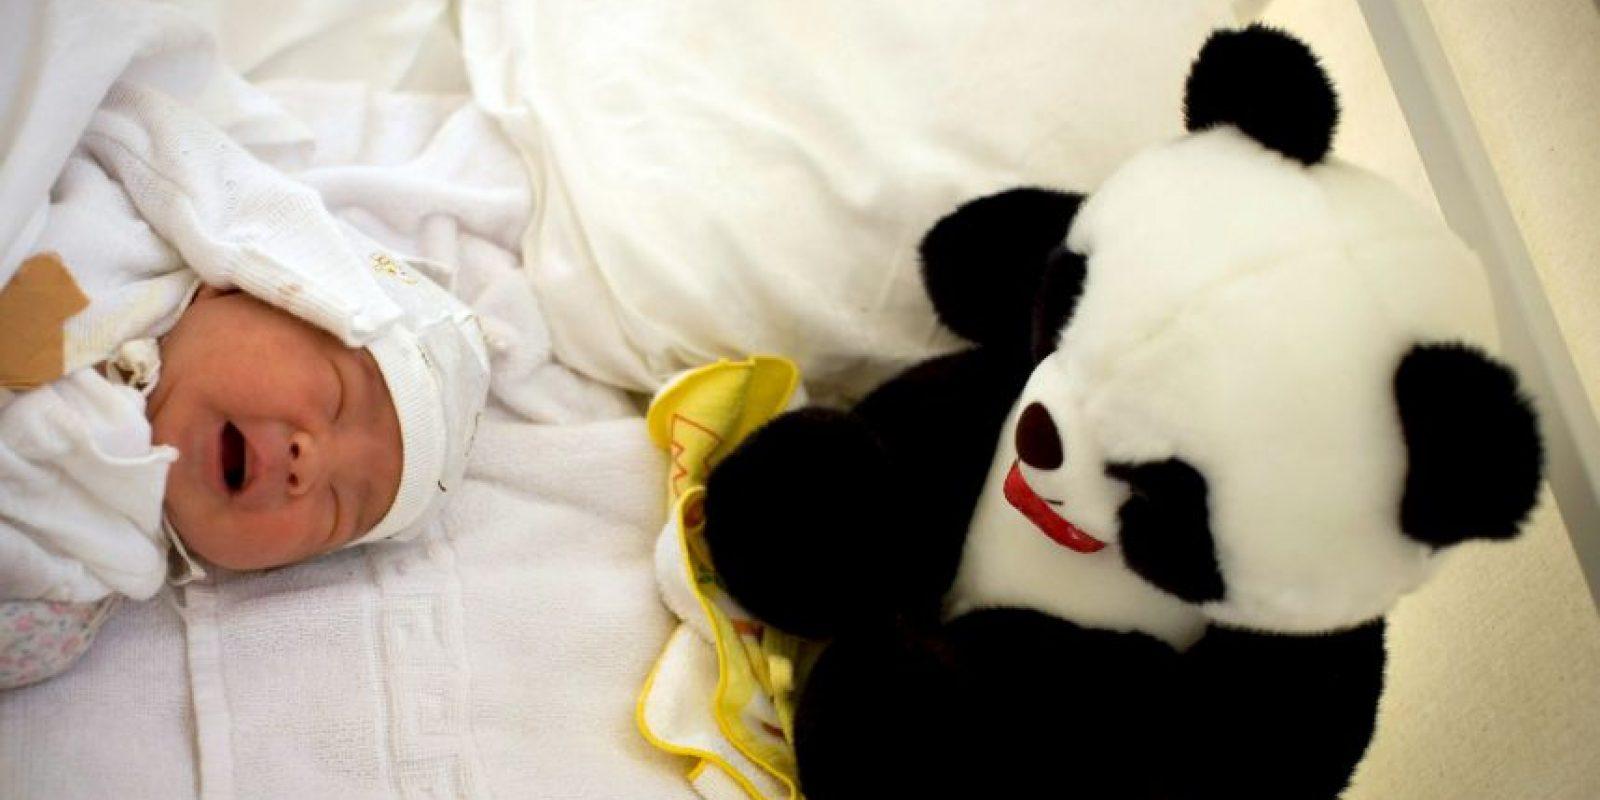 Pese a la búsqueda, la policía señaló que no prevén fracturar al matrimonio. Foto:Getty Images